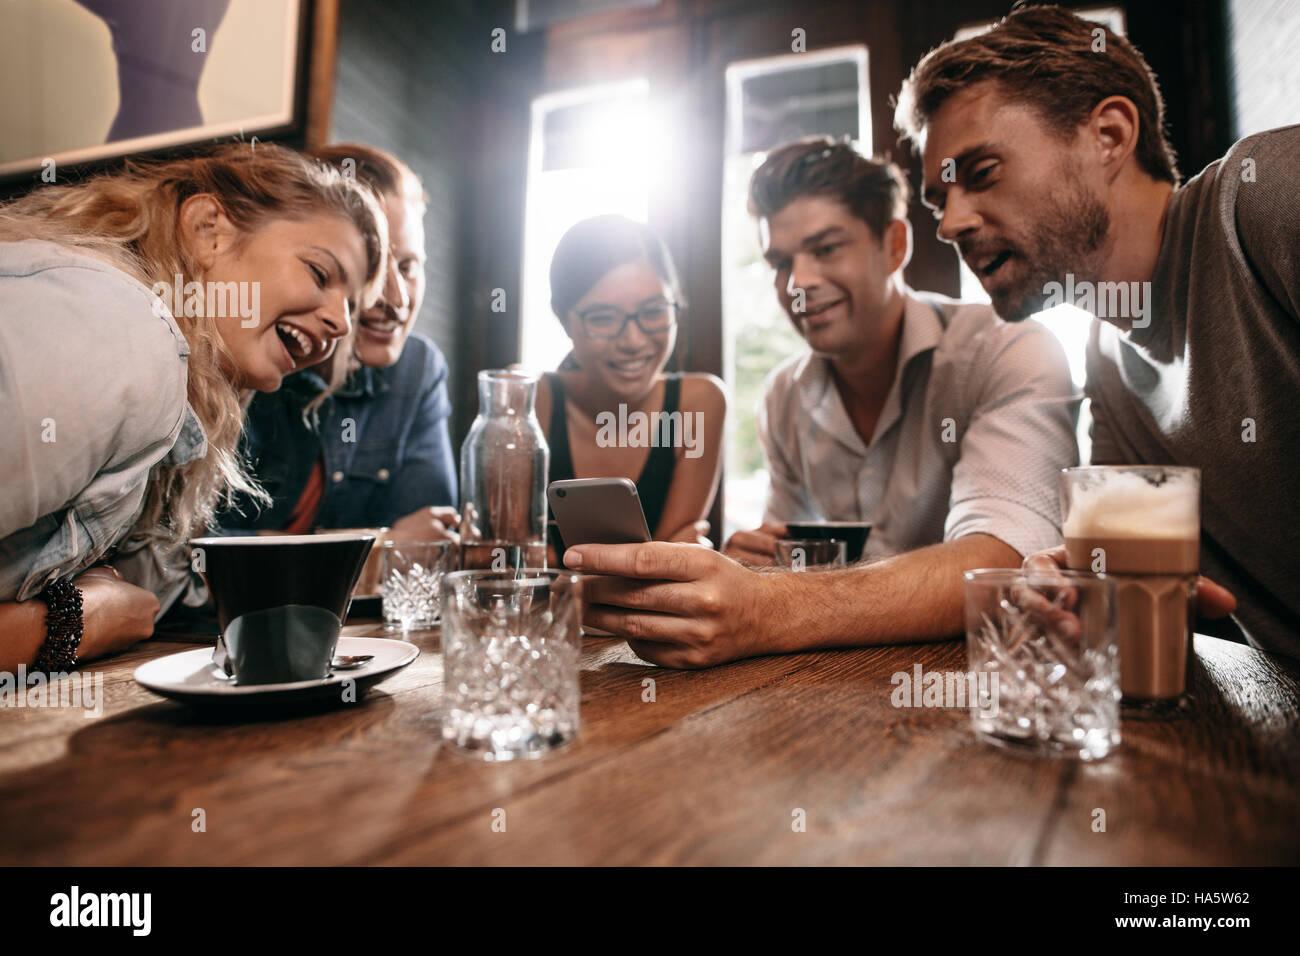 Jóvenes amigos mirando teléfono inteligente mientras está sentado en la cafetería. Mestizos Imagen De Stock